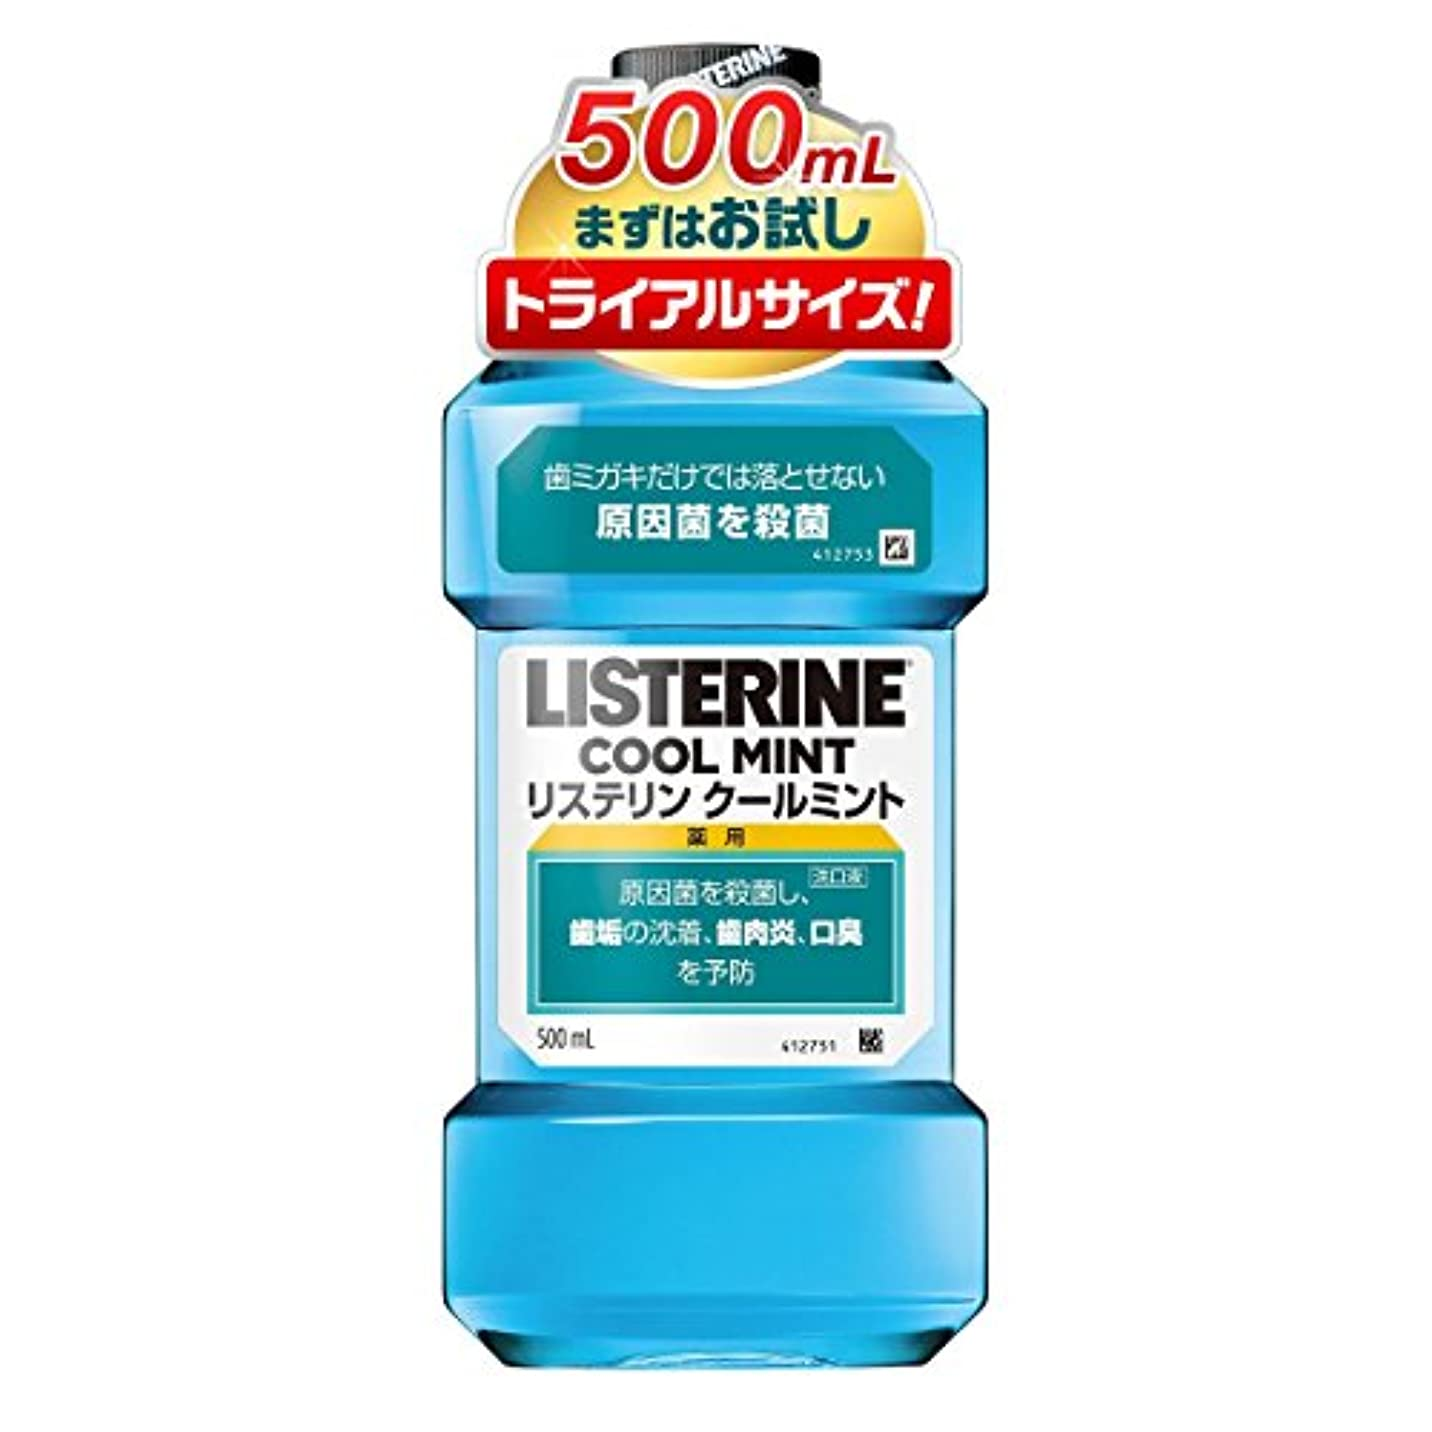 中級ご注意薬用 LISTERINE リステリン クールミント 500mL [医薬部外品]